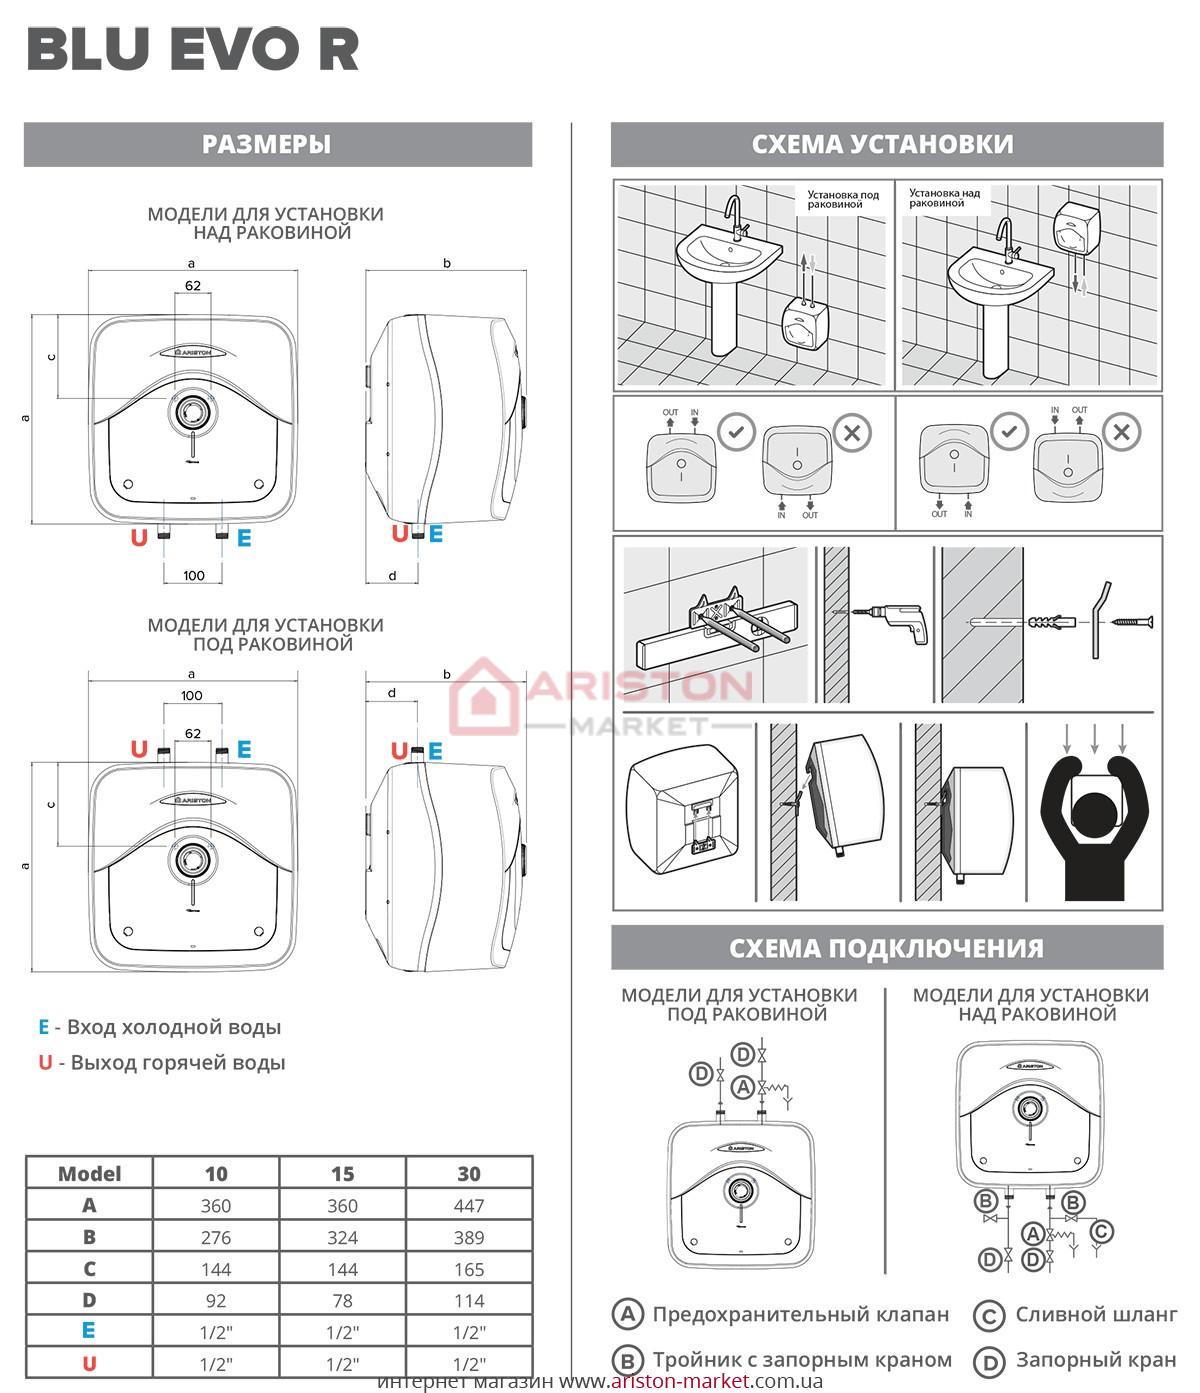 Ariston BLU Evo R 15/3 схема, габарити, креслення